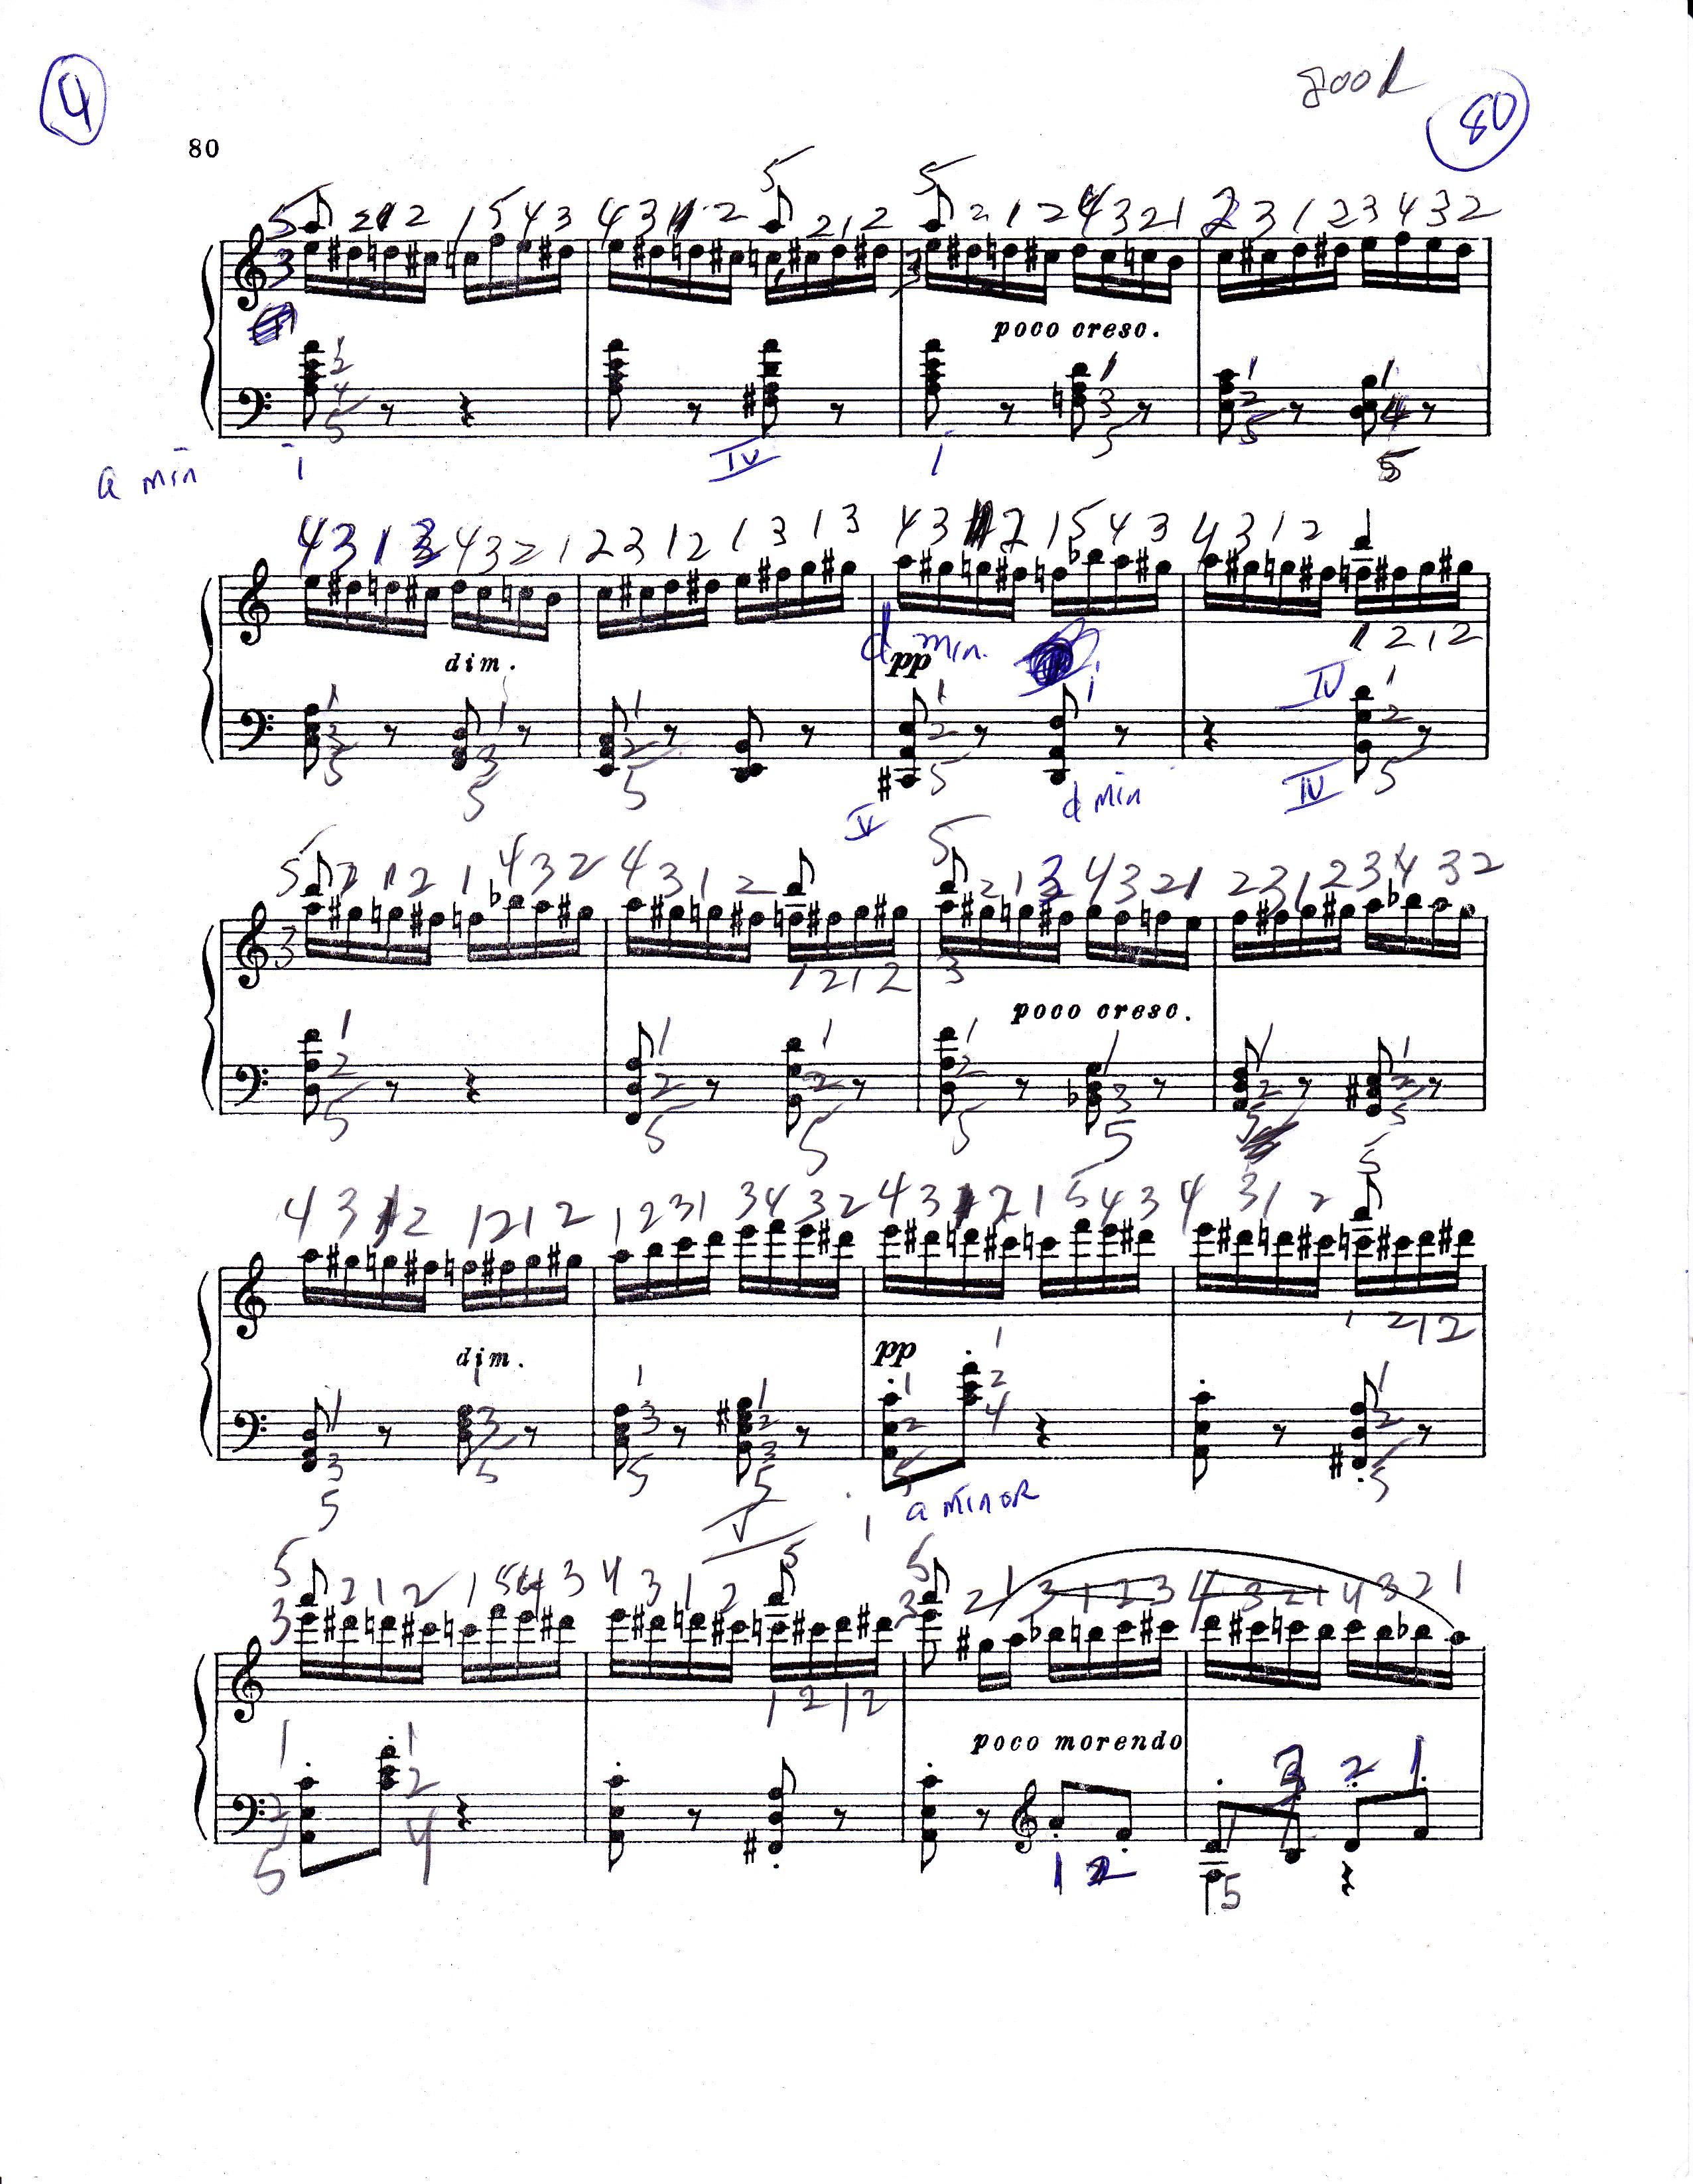 Fingersatz klavier